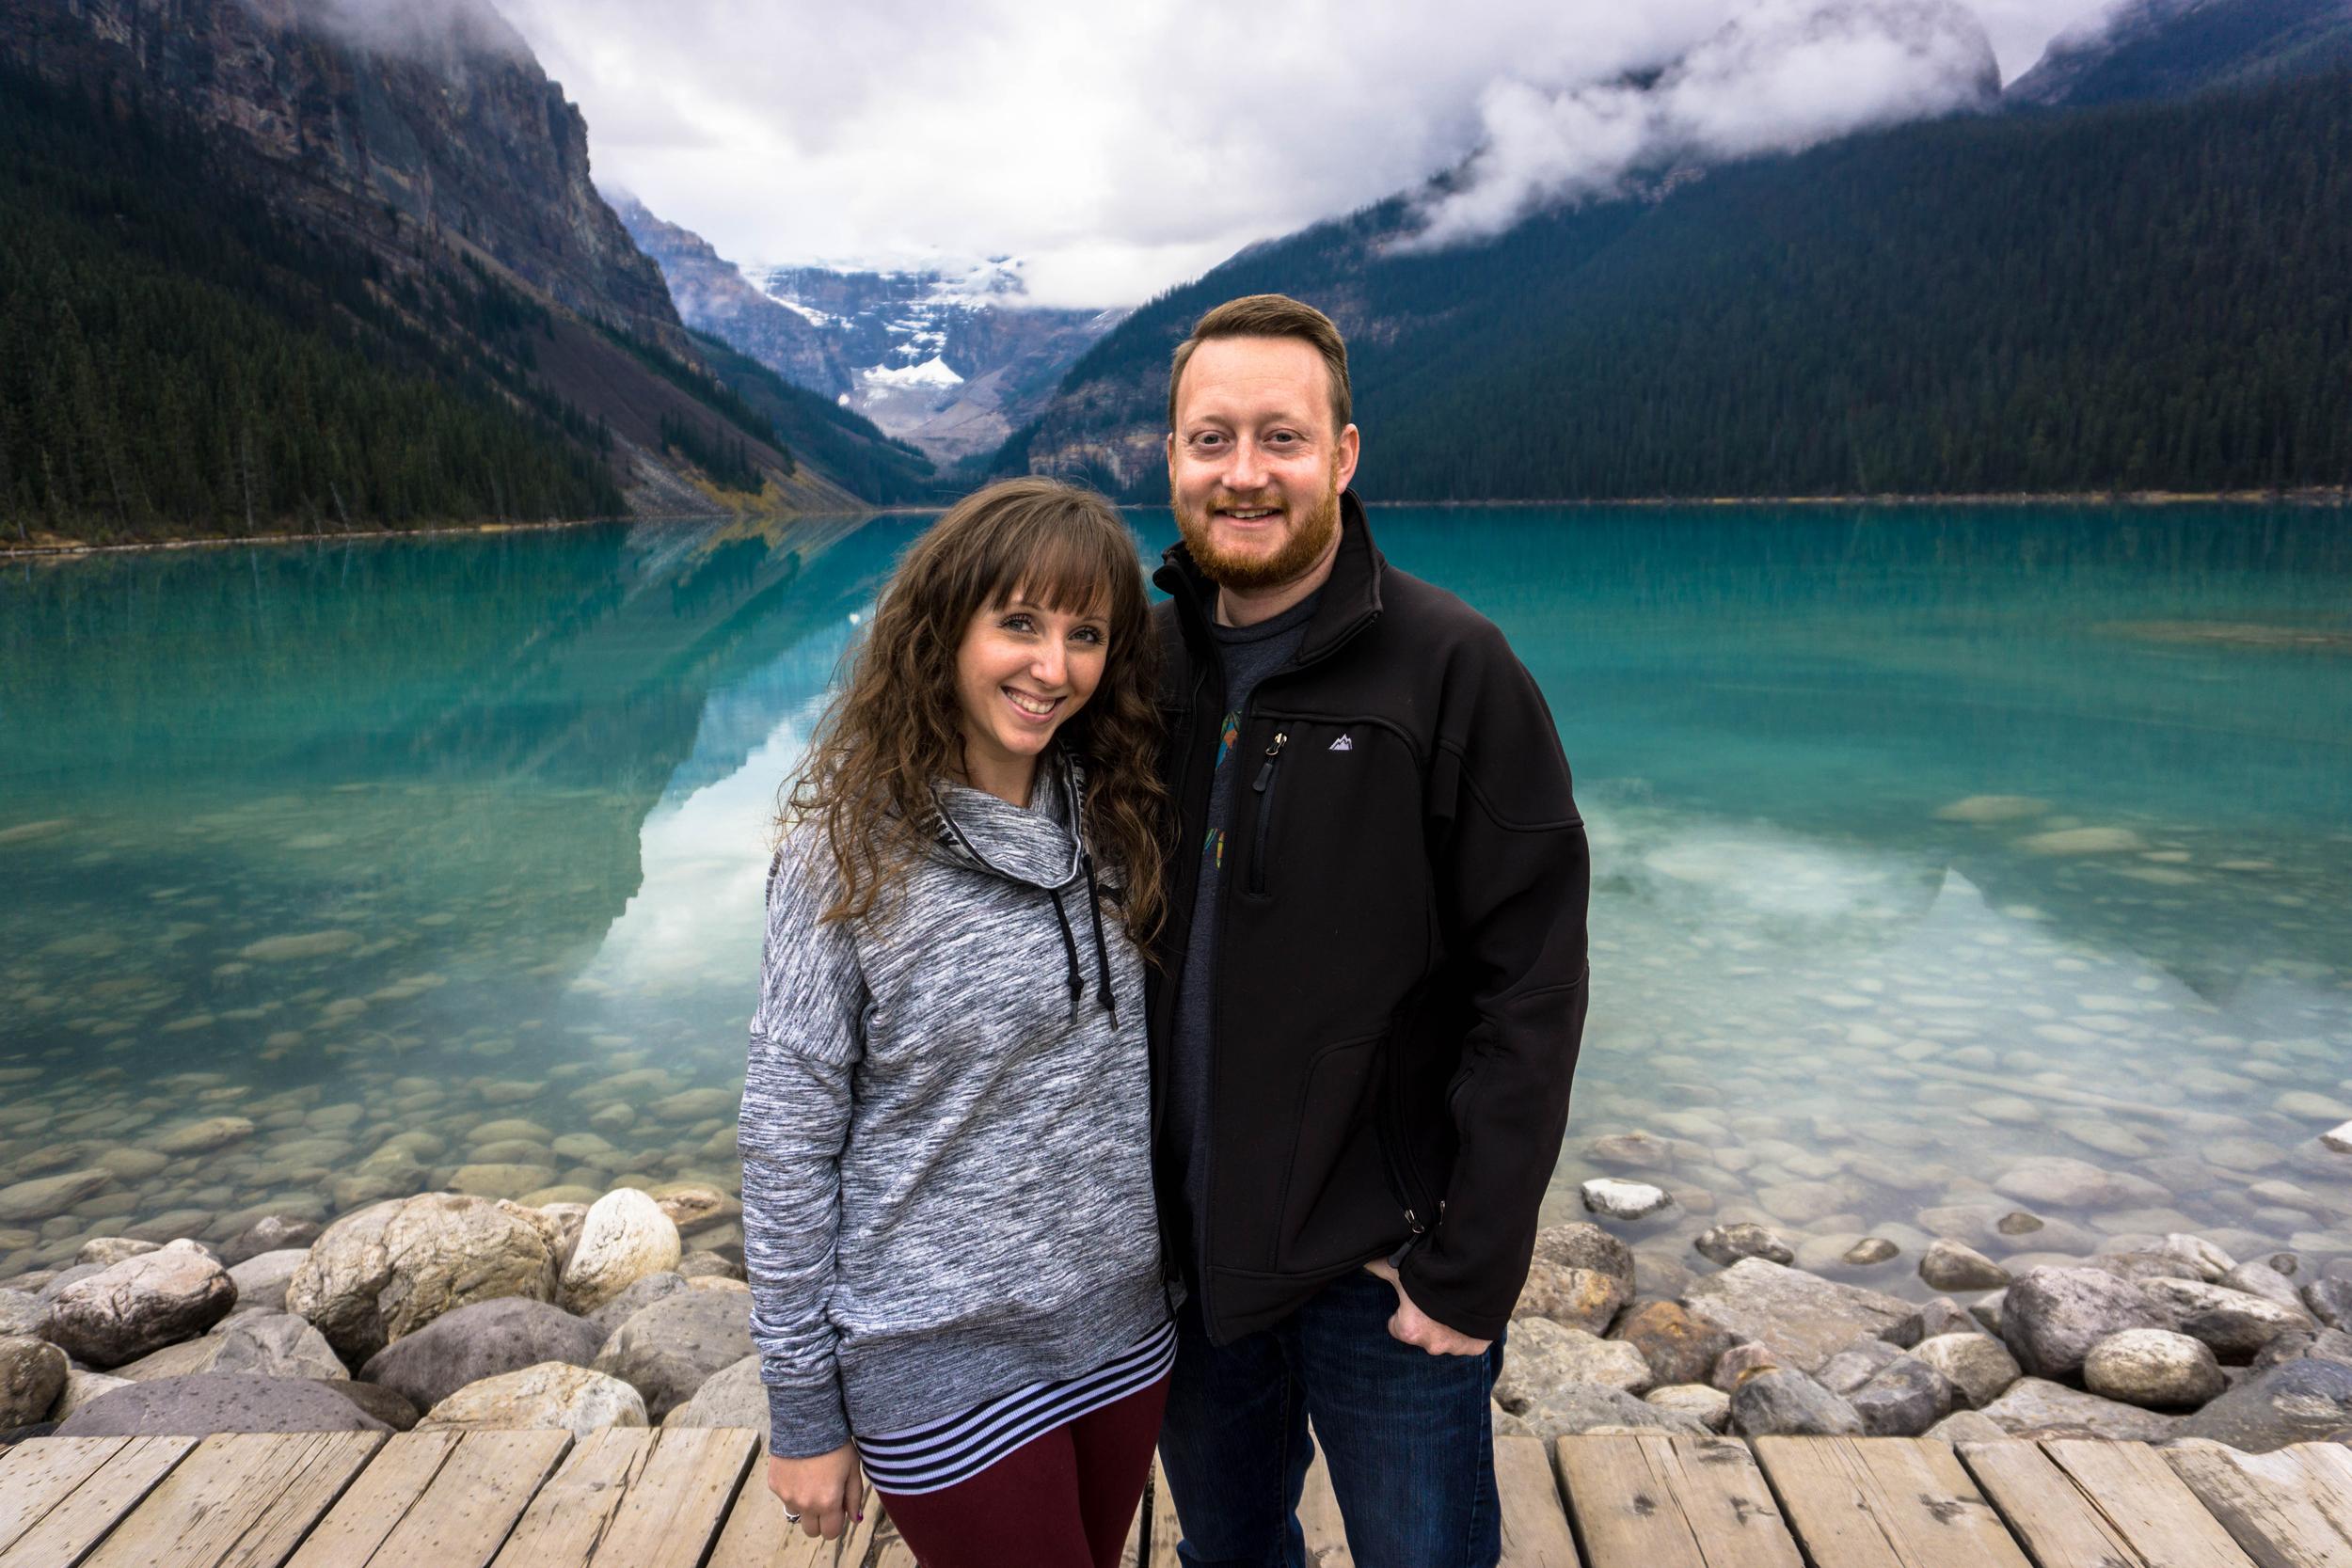 Dan and Amber in Lake Louise, Alberta, Canada.